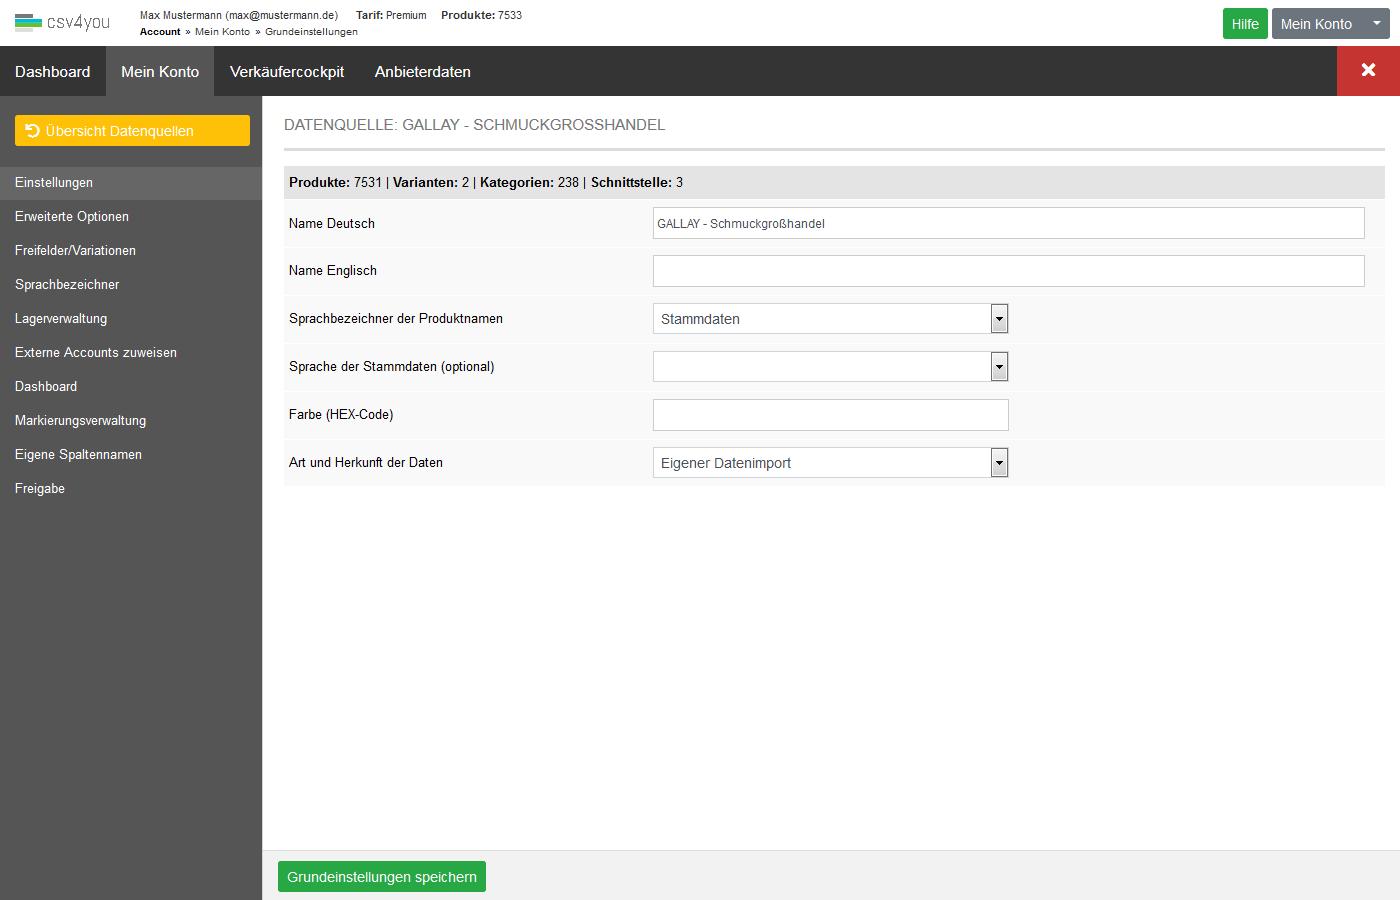 Datenquellen - Verwaltung - Einstellungen